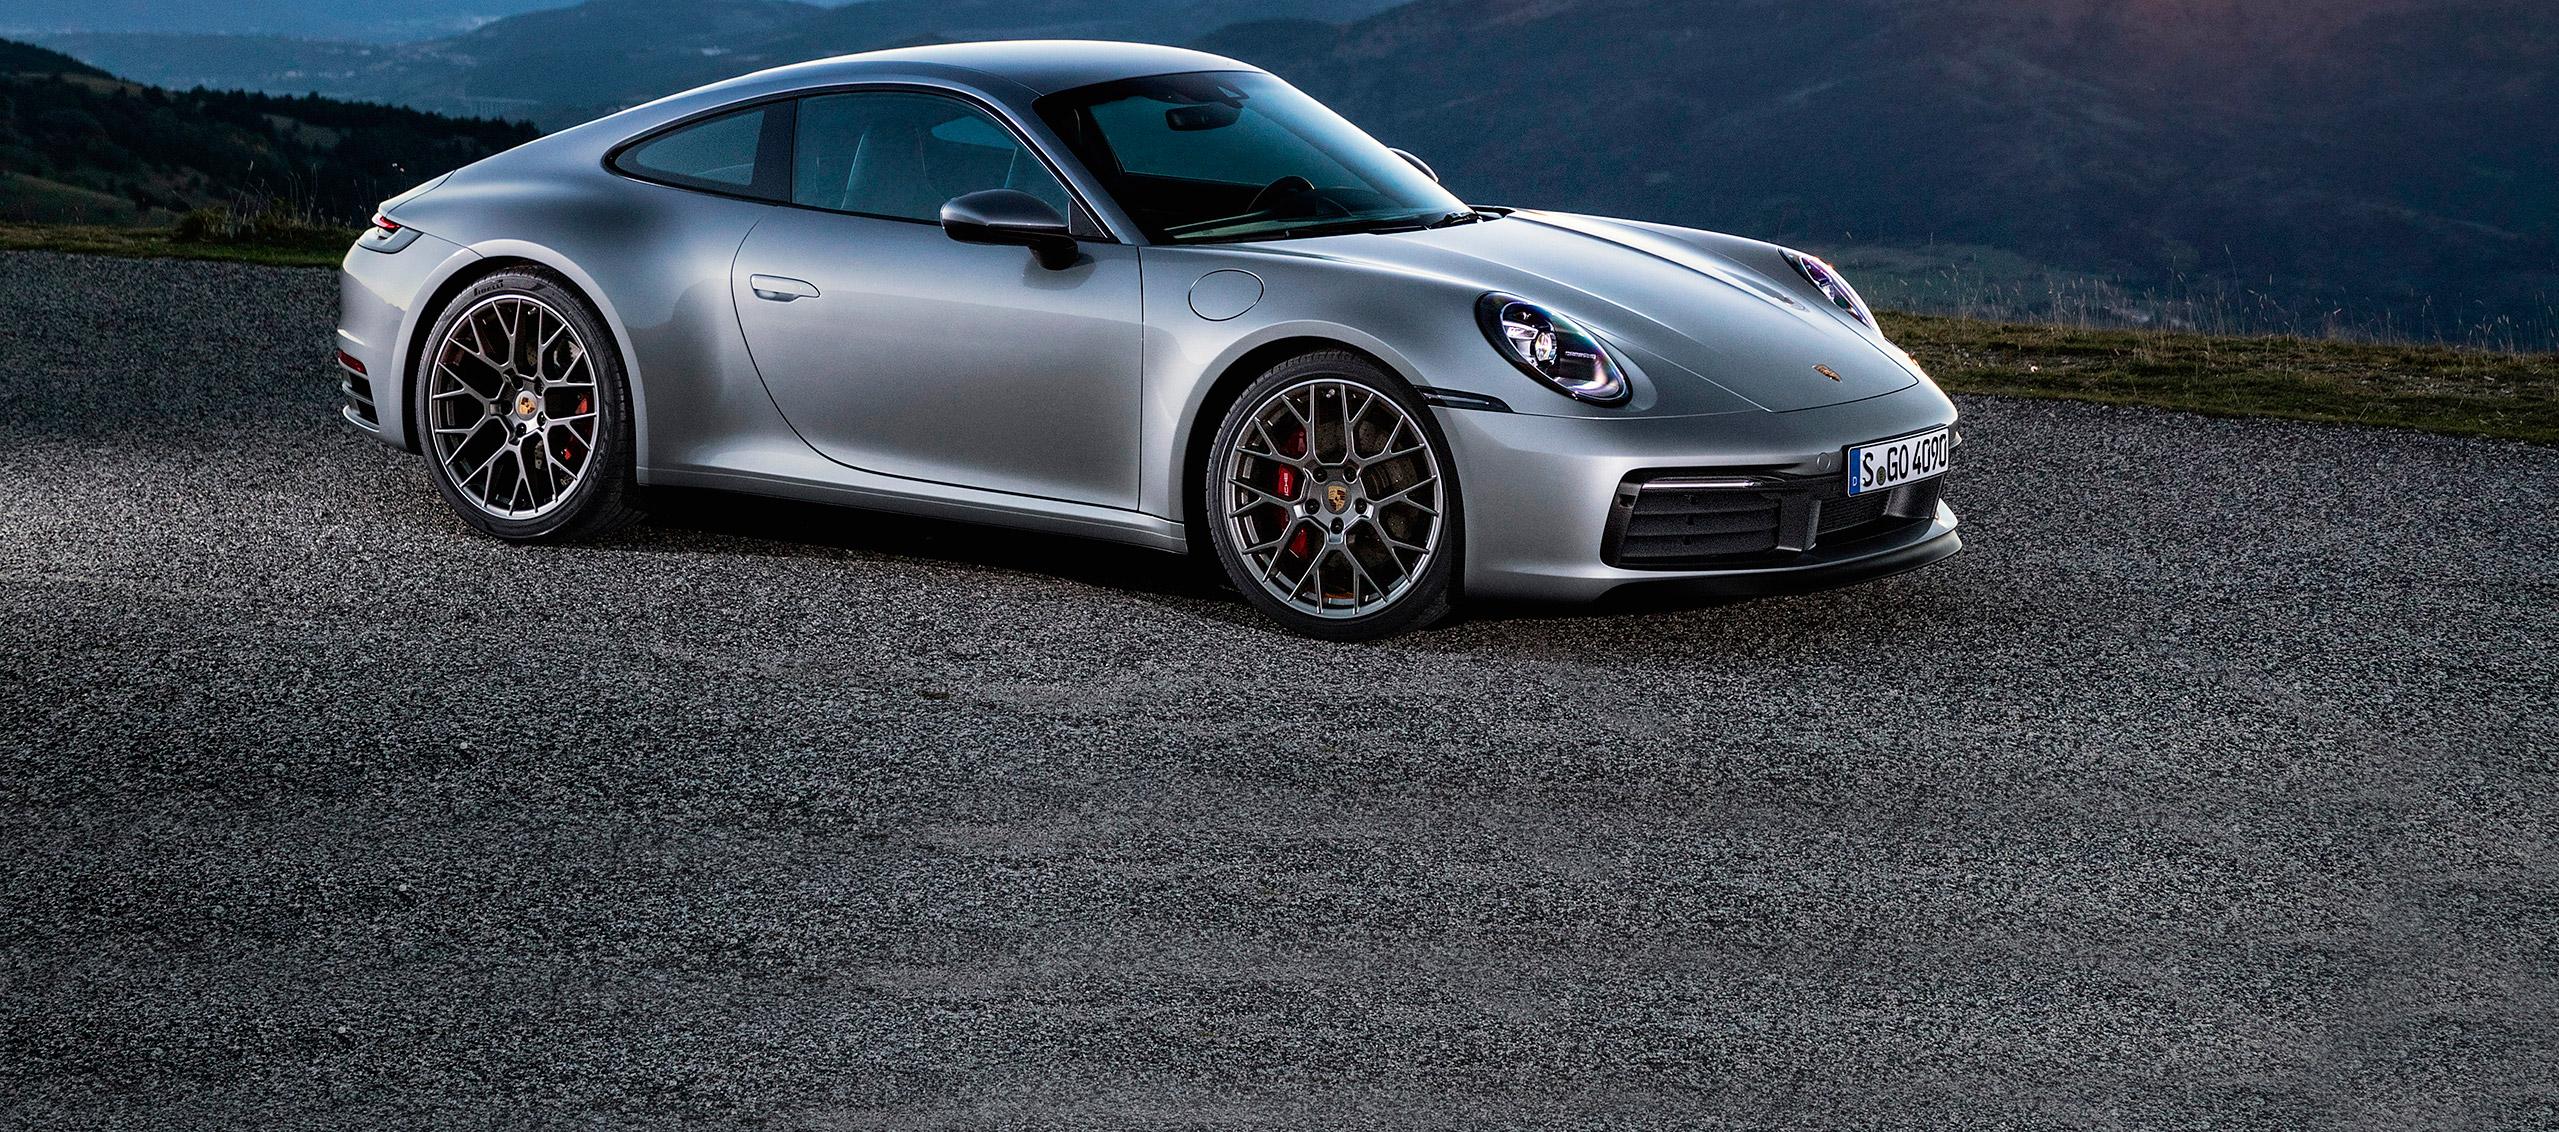 Porsche Road Trip, el viaje más digital de Porsche